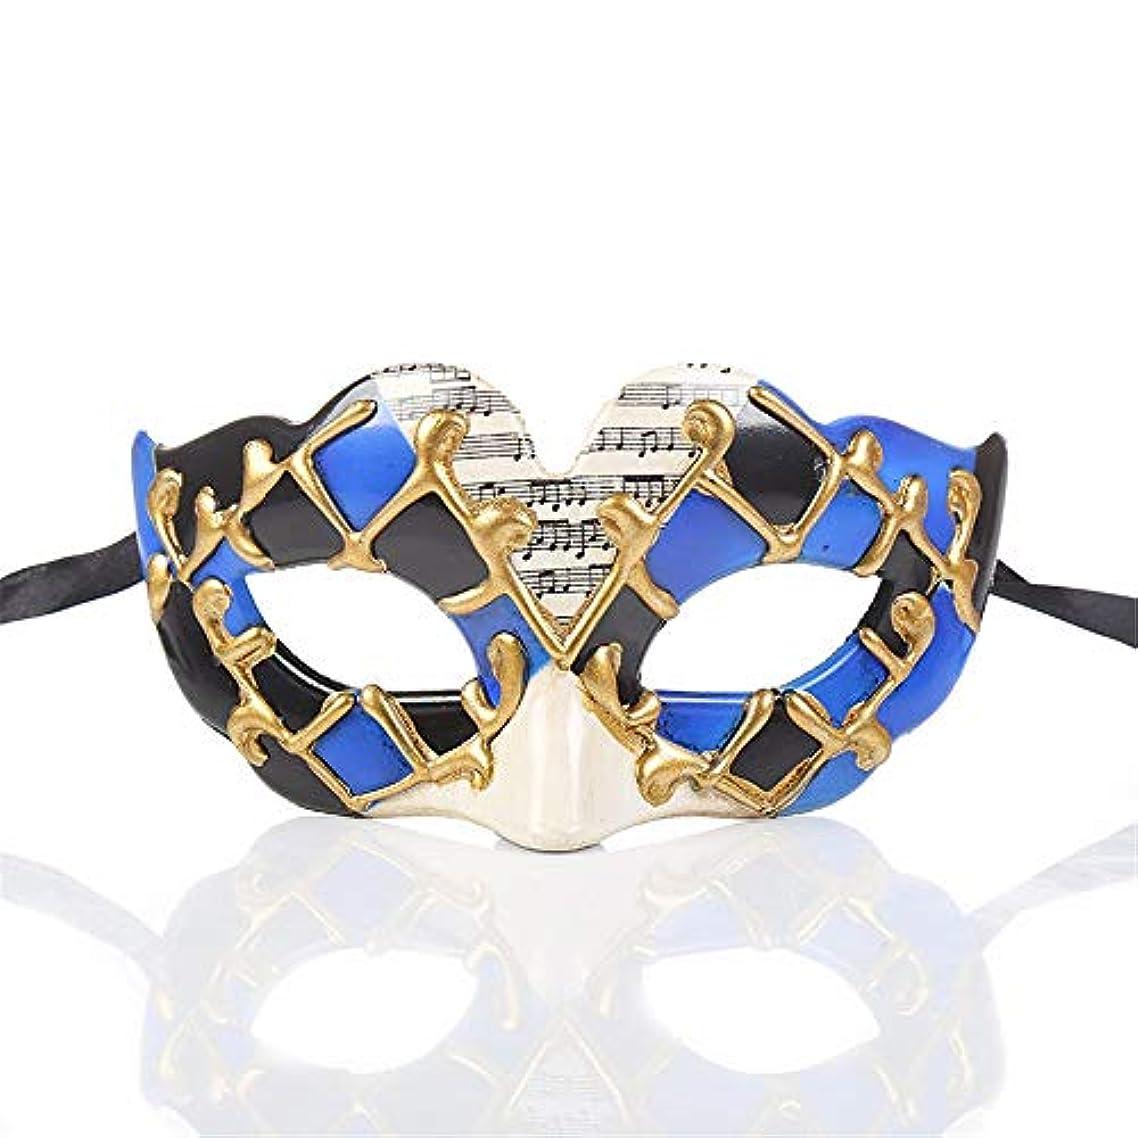 ピット防ぐ該当するダンスマスク パーティーCospalyマスクハロウィーンマスカレードデコレーションマスクフェスティバルプラスチックマスク ホリデーパーティー用品 (色 : 青, サイズ : 14.5x7.5cm)